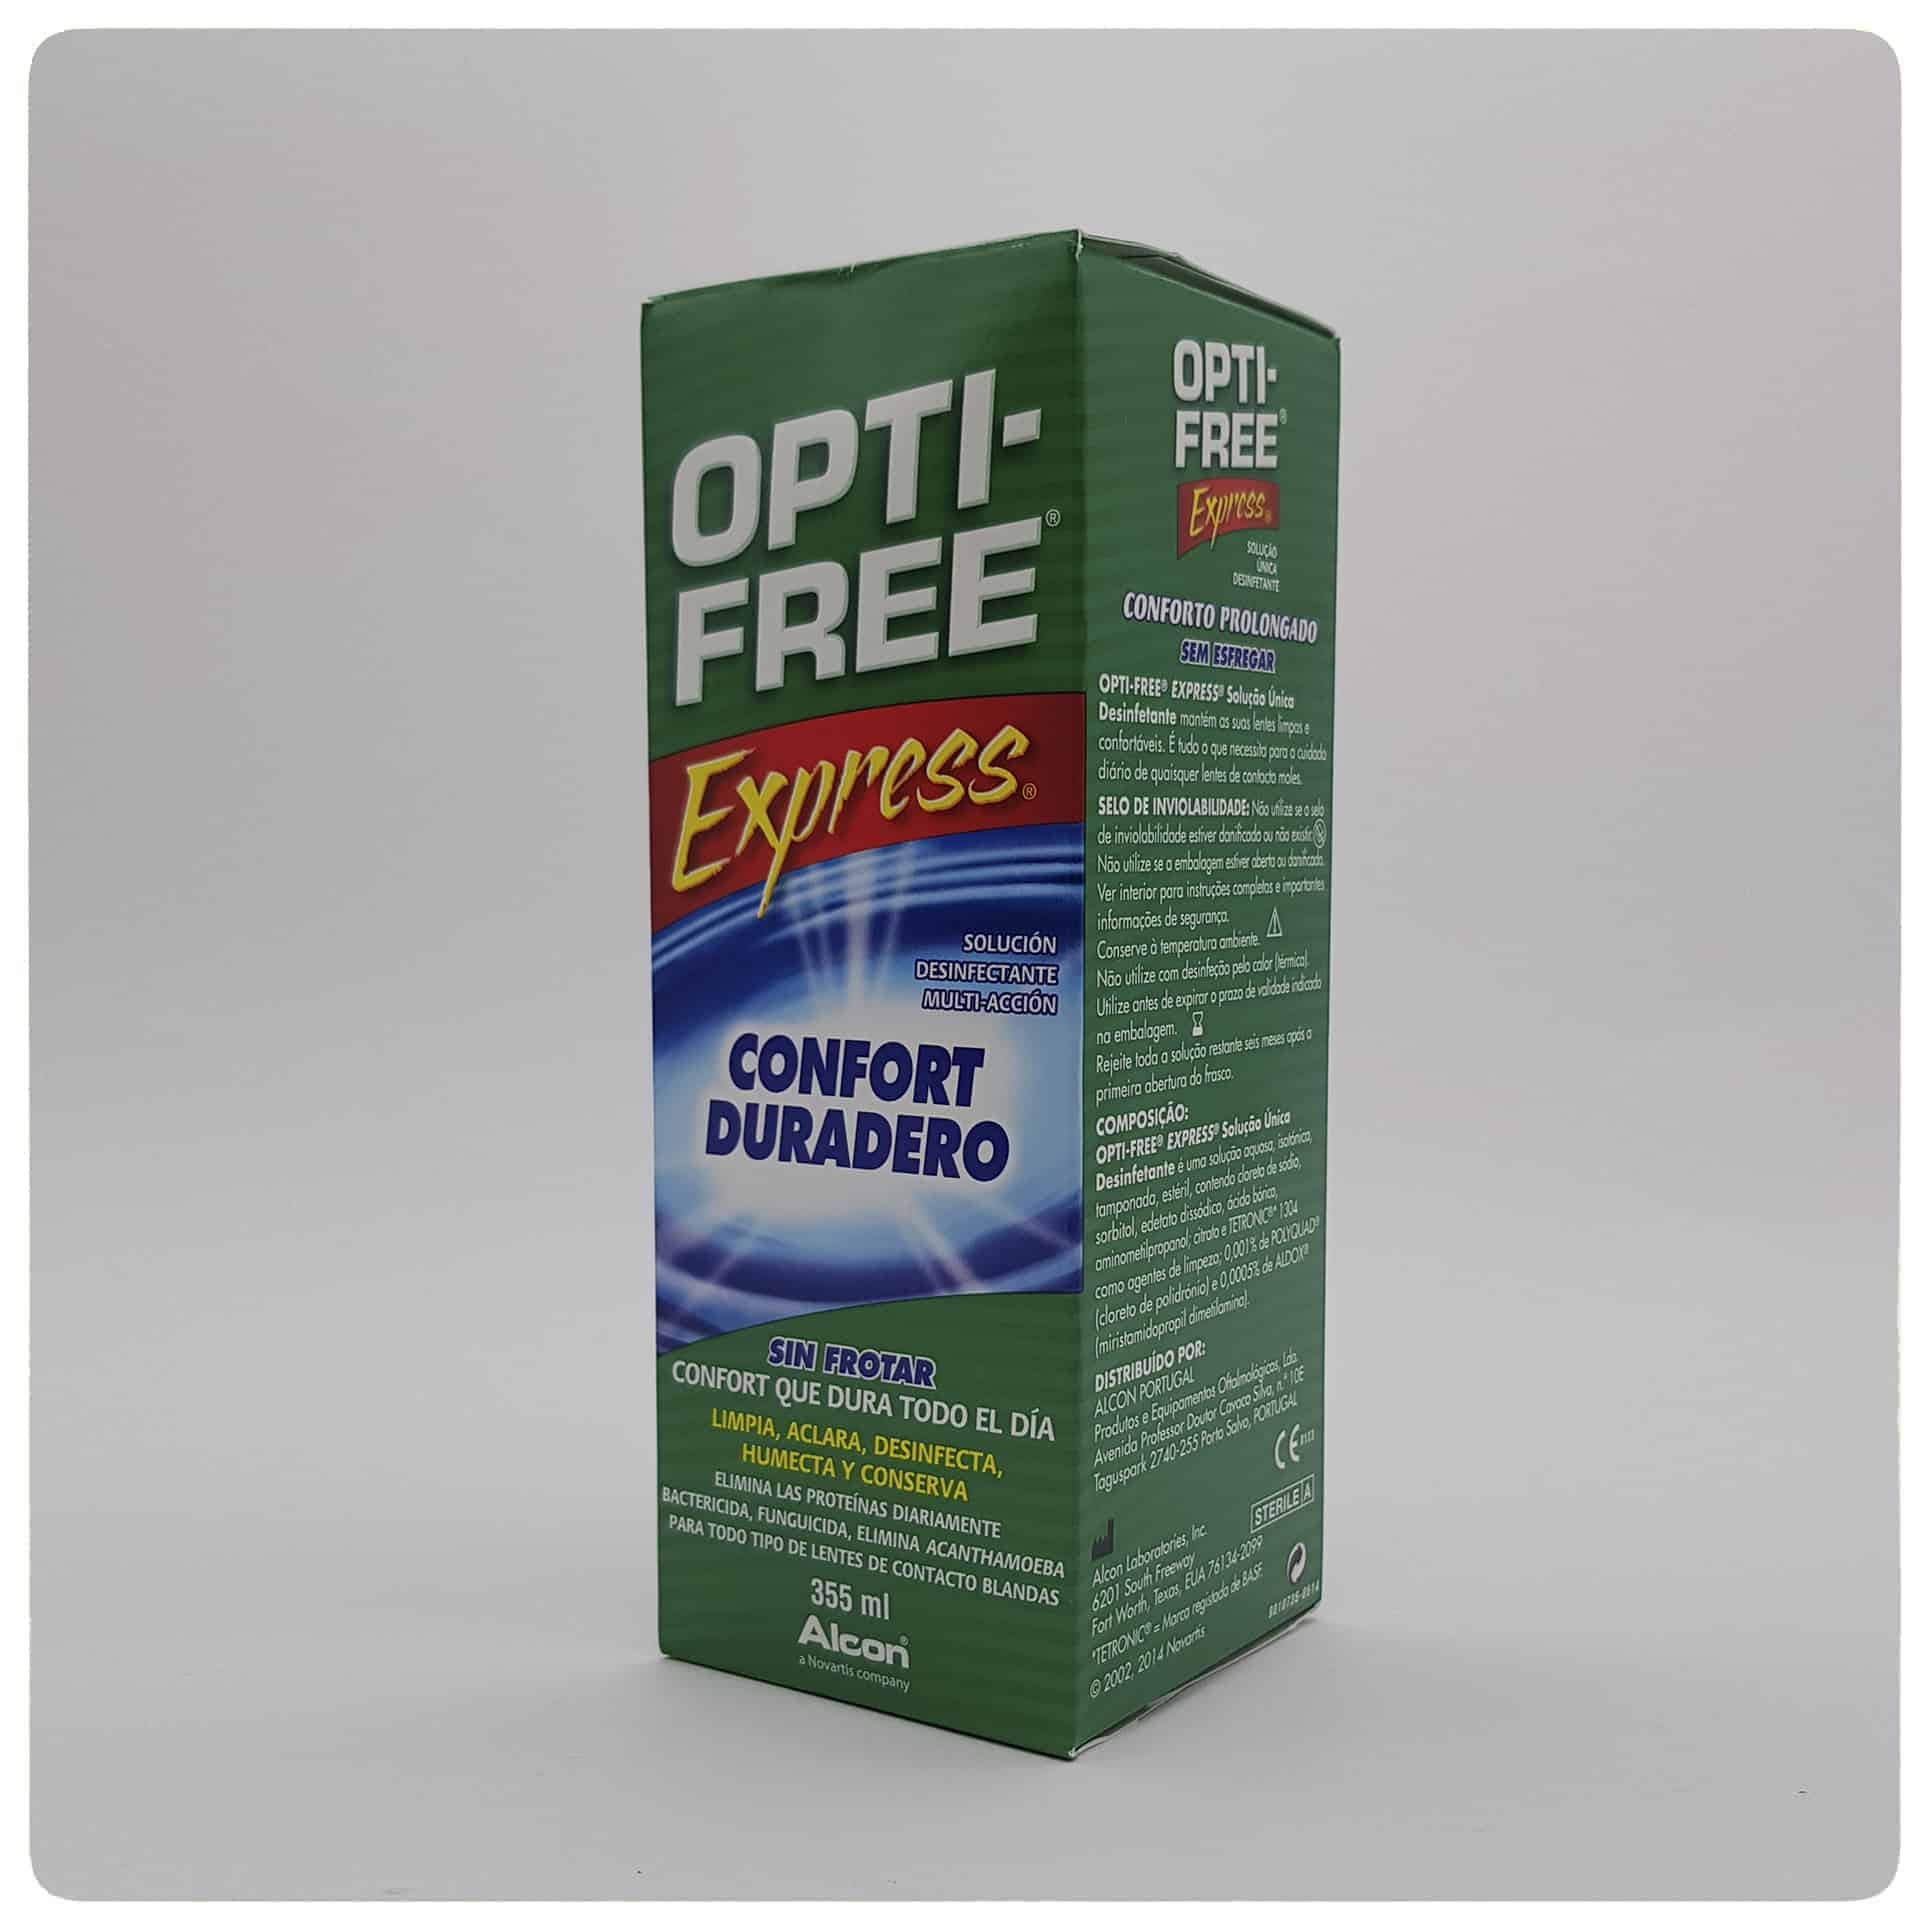 opti-free-express-355ml